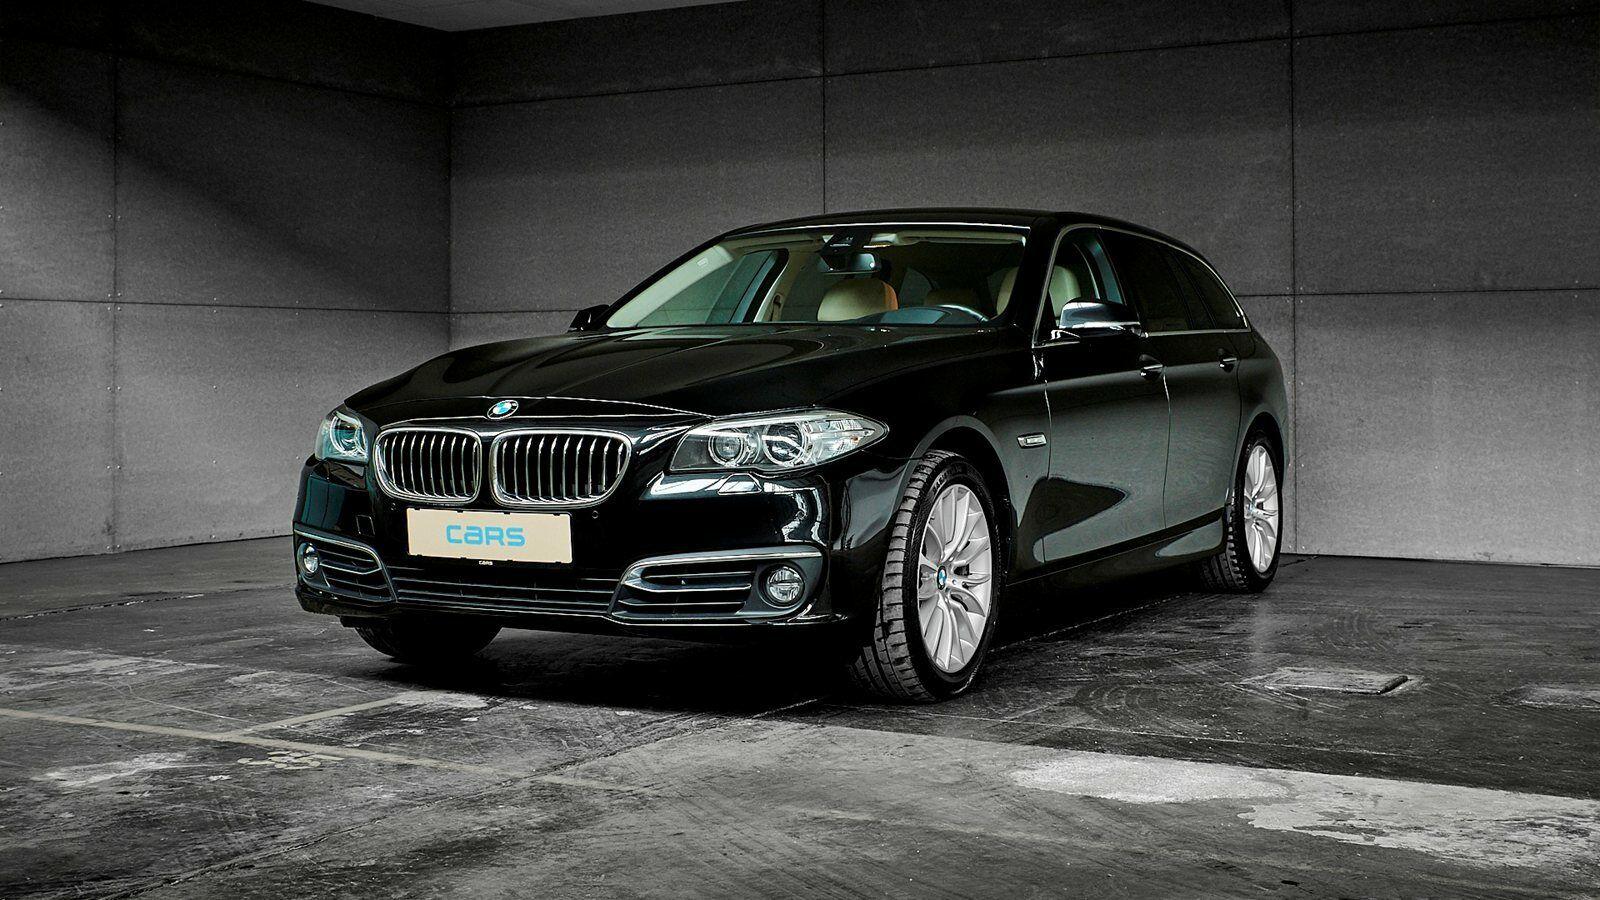 BMW 520d 2,0 Touring Luxury Line xDrive aut 5d - 1.995 kr.